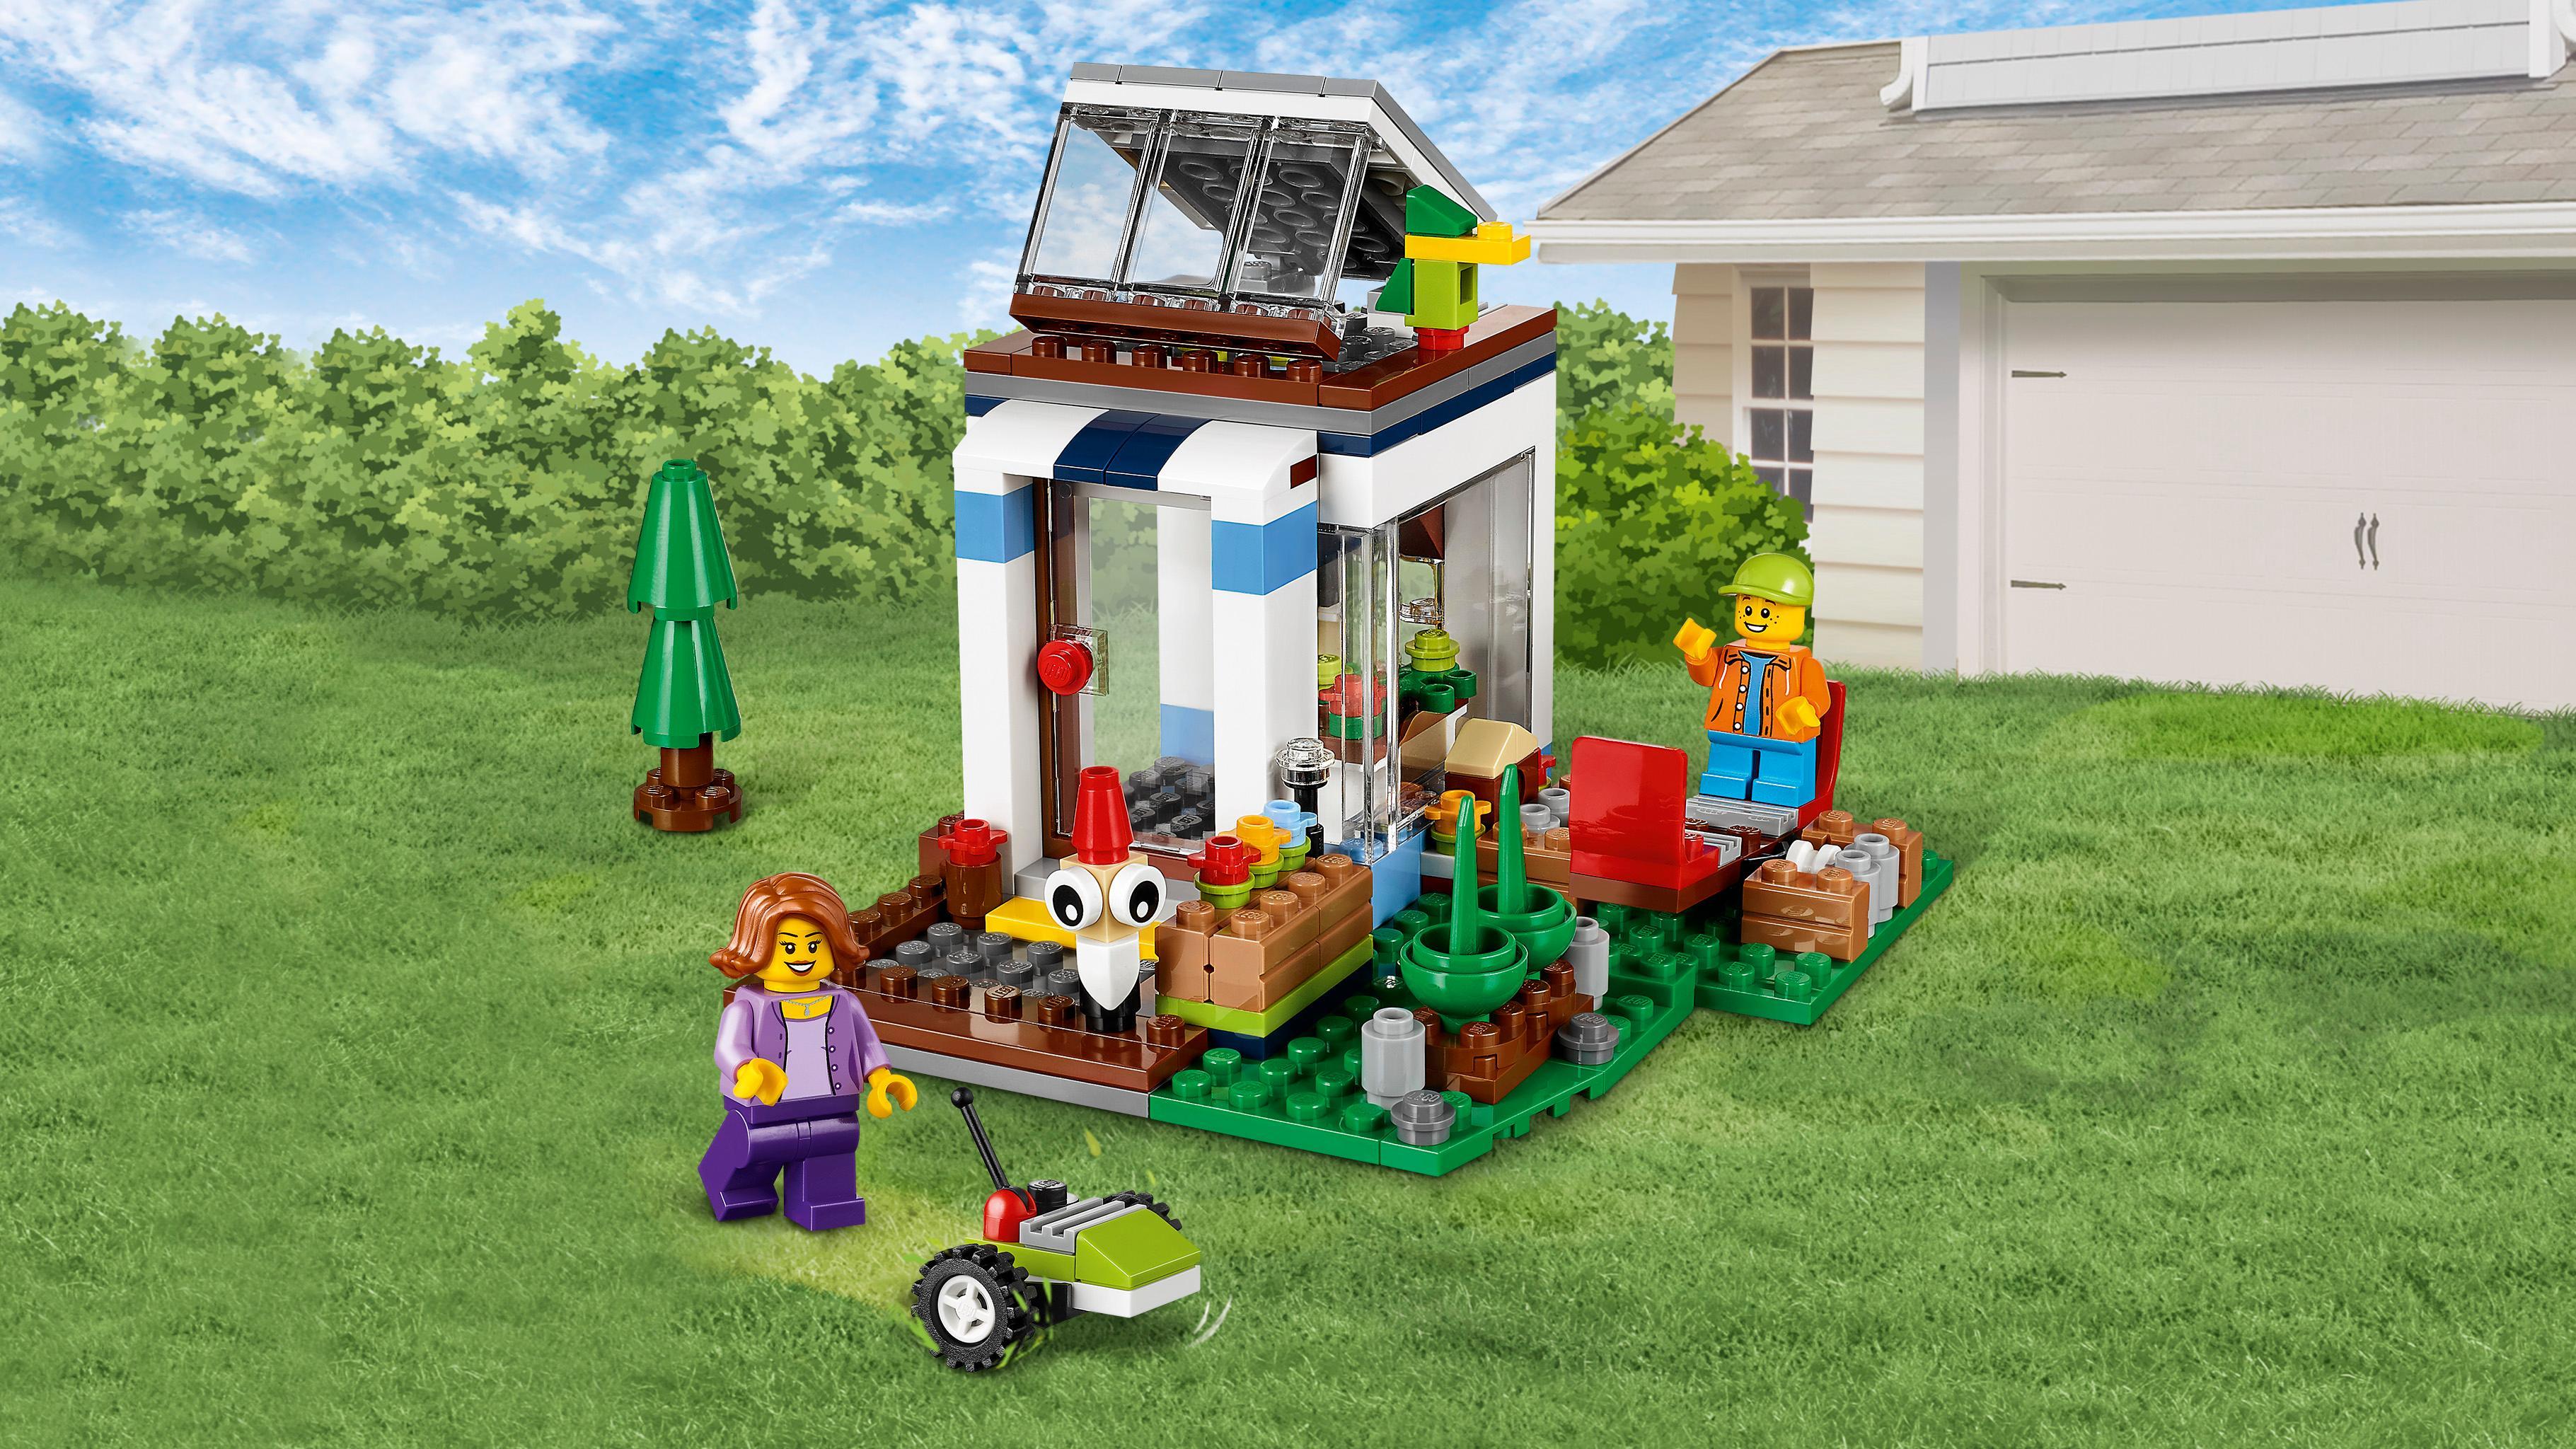 Lego creator casa modular moderna 31068 juego de for Casa moderna juegos